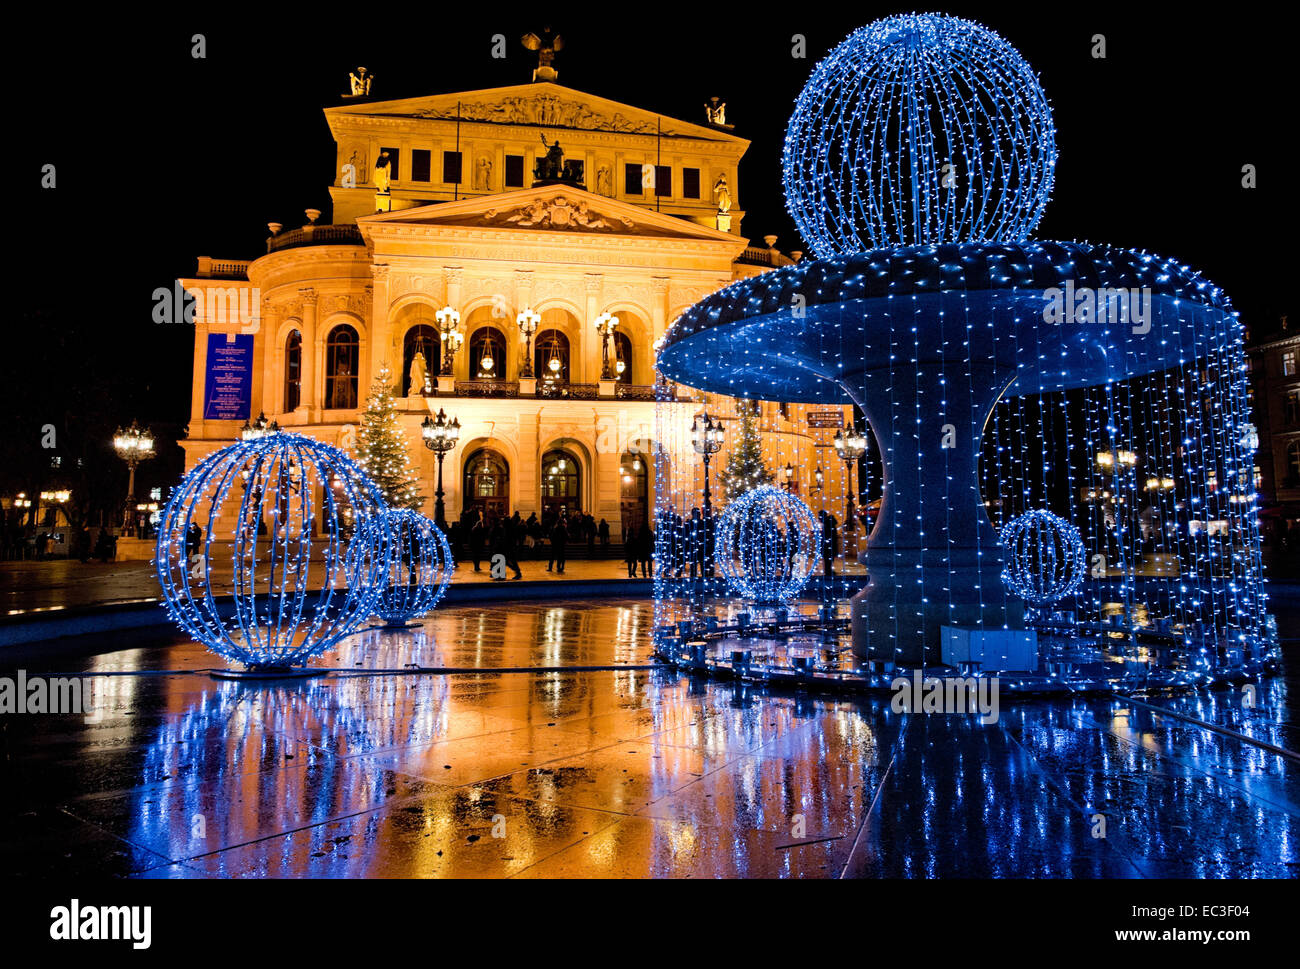 Weihnachtsbeleuchtung auf die alte Oper Alte Oper in Frankfurt/Main. Stockbild